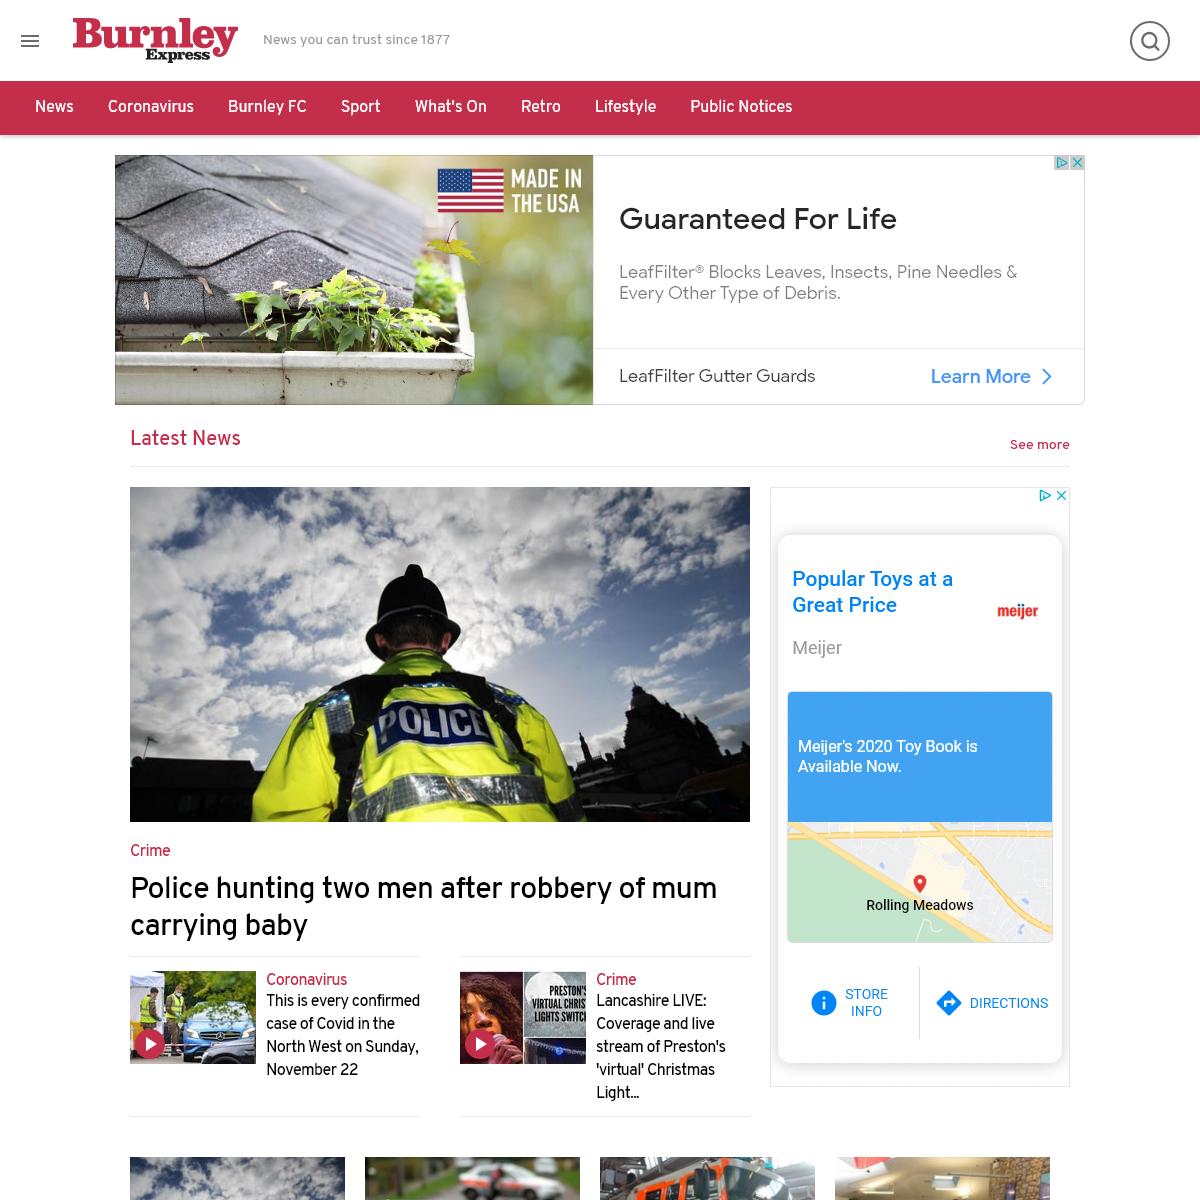 Home - Burnley Express